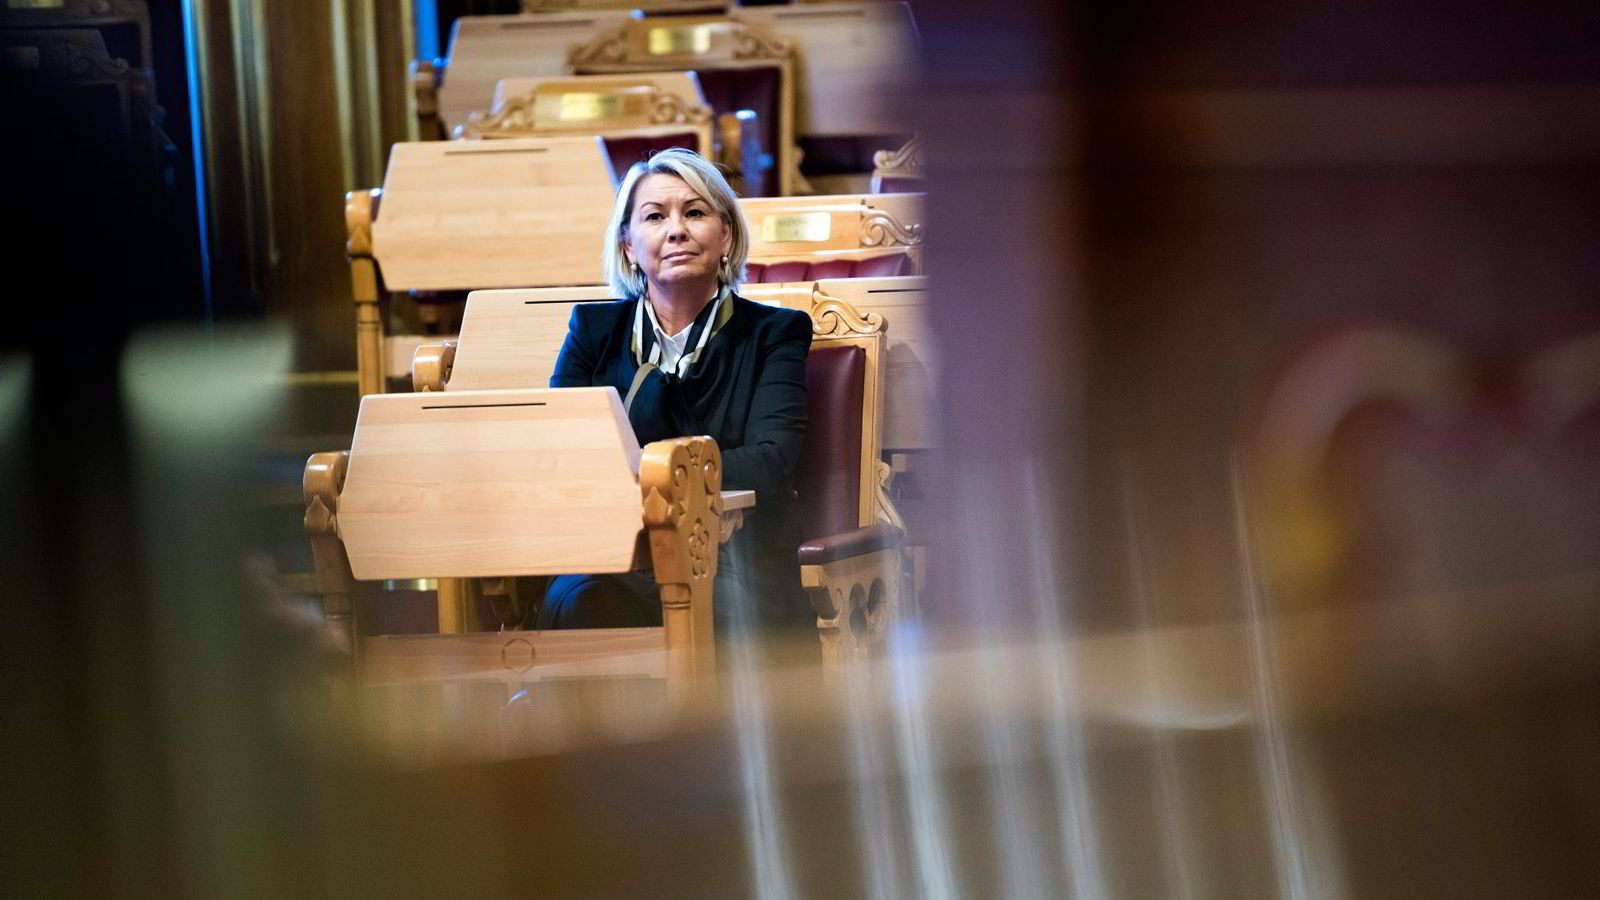 Er næringsminister Monica Mæland redd for å bruke inngrepshjemmelen departementet har gjennom konkurranseloven, spør artikkelforfatterne.